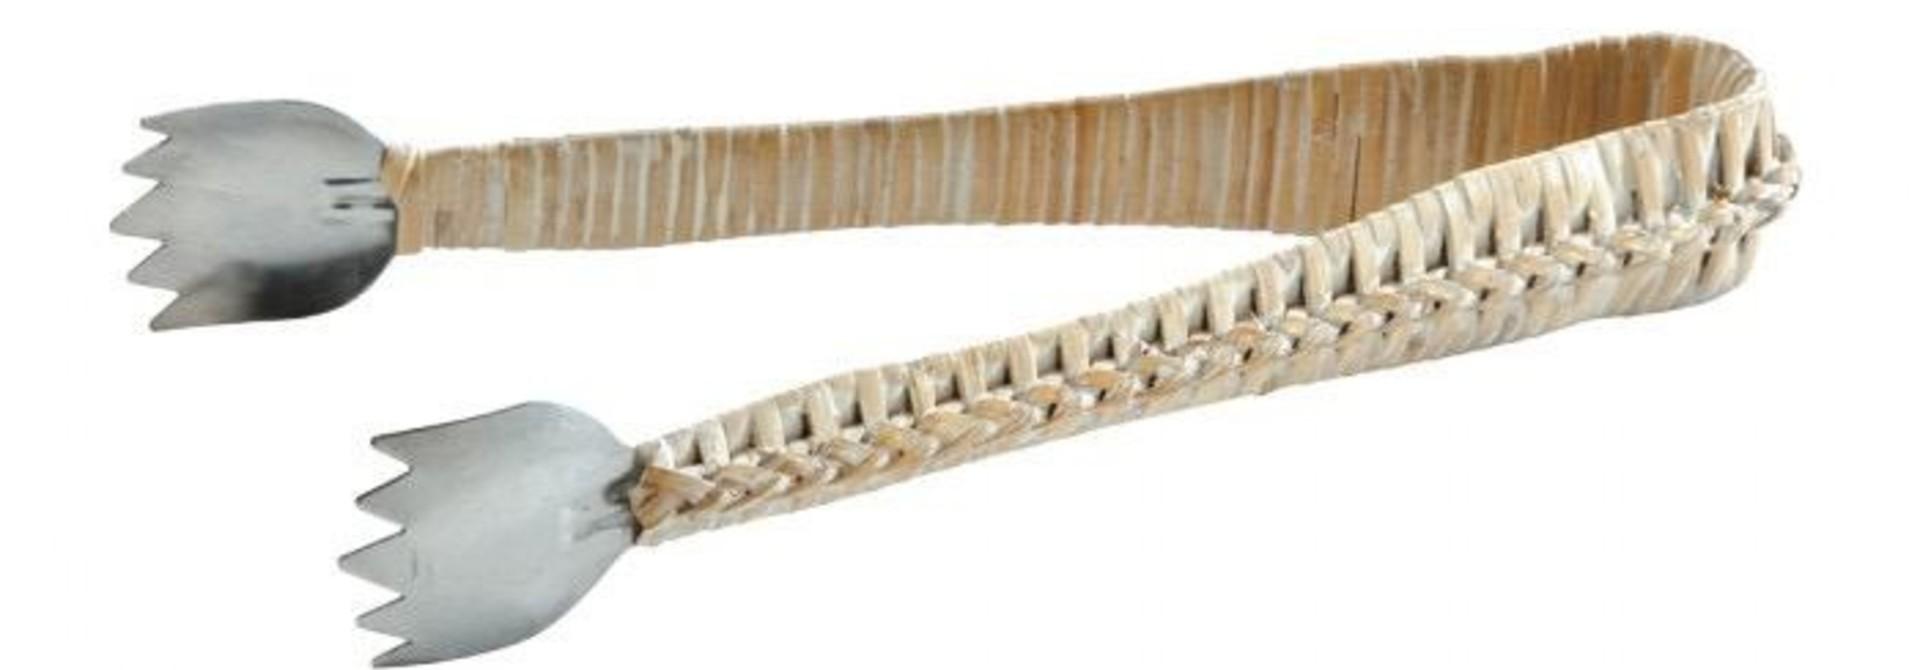 PAGAN - Ice tongs